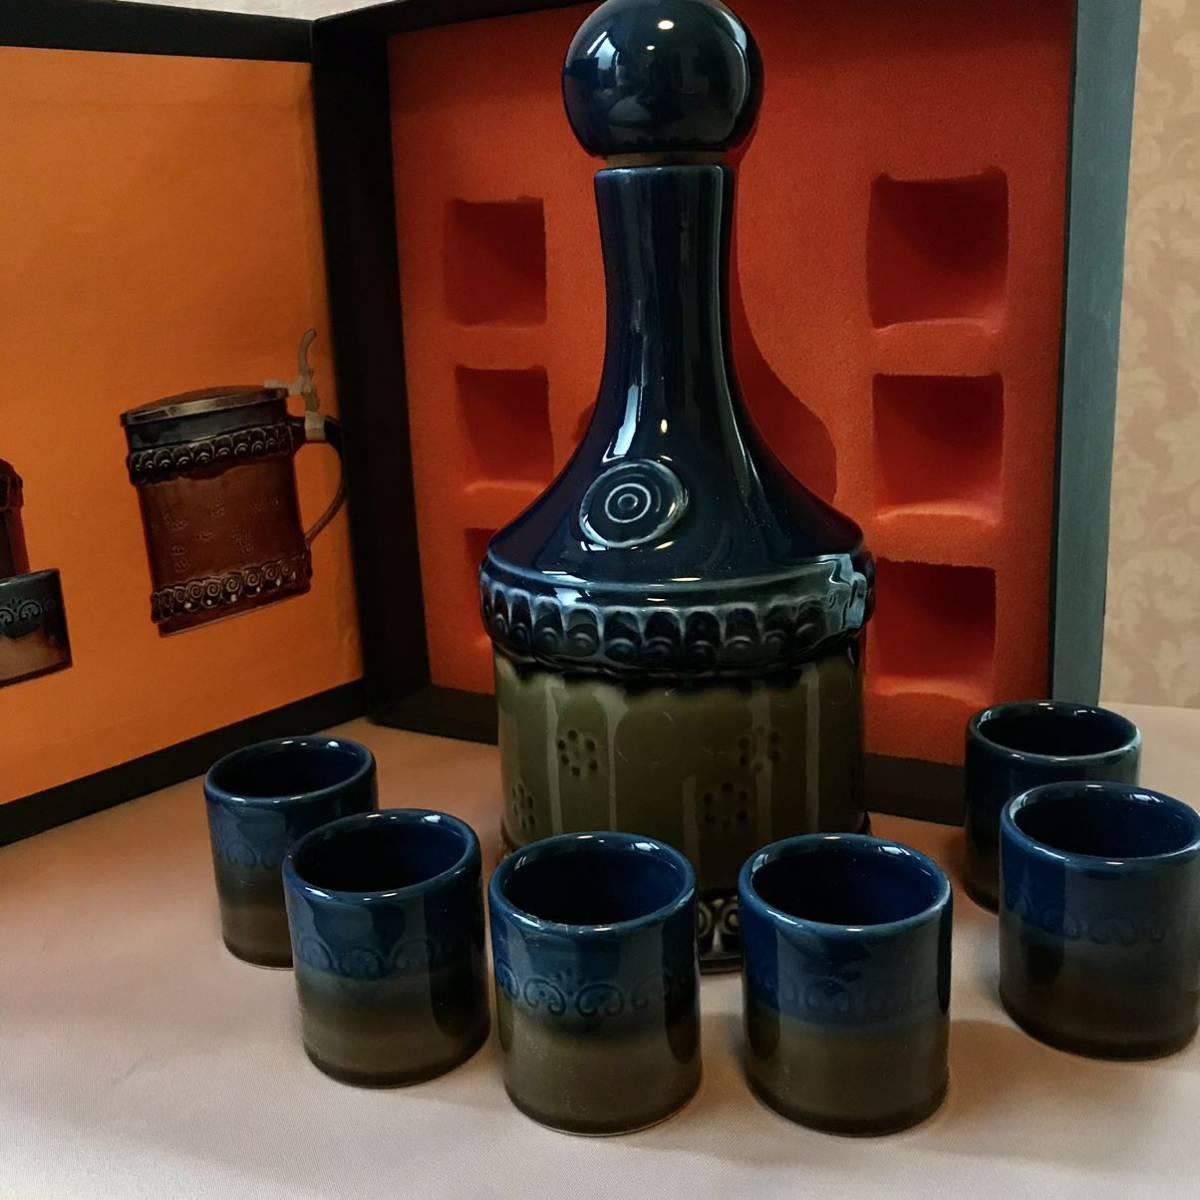 〈送料込〉ローゼンタール ビョルン ヴィンブラッド リキュール セット Rosenthal Bjorn Wiinblad 陶器 食器 ポット ボトル カップ ドイツ_画像2